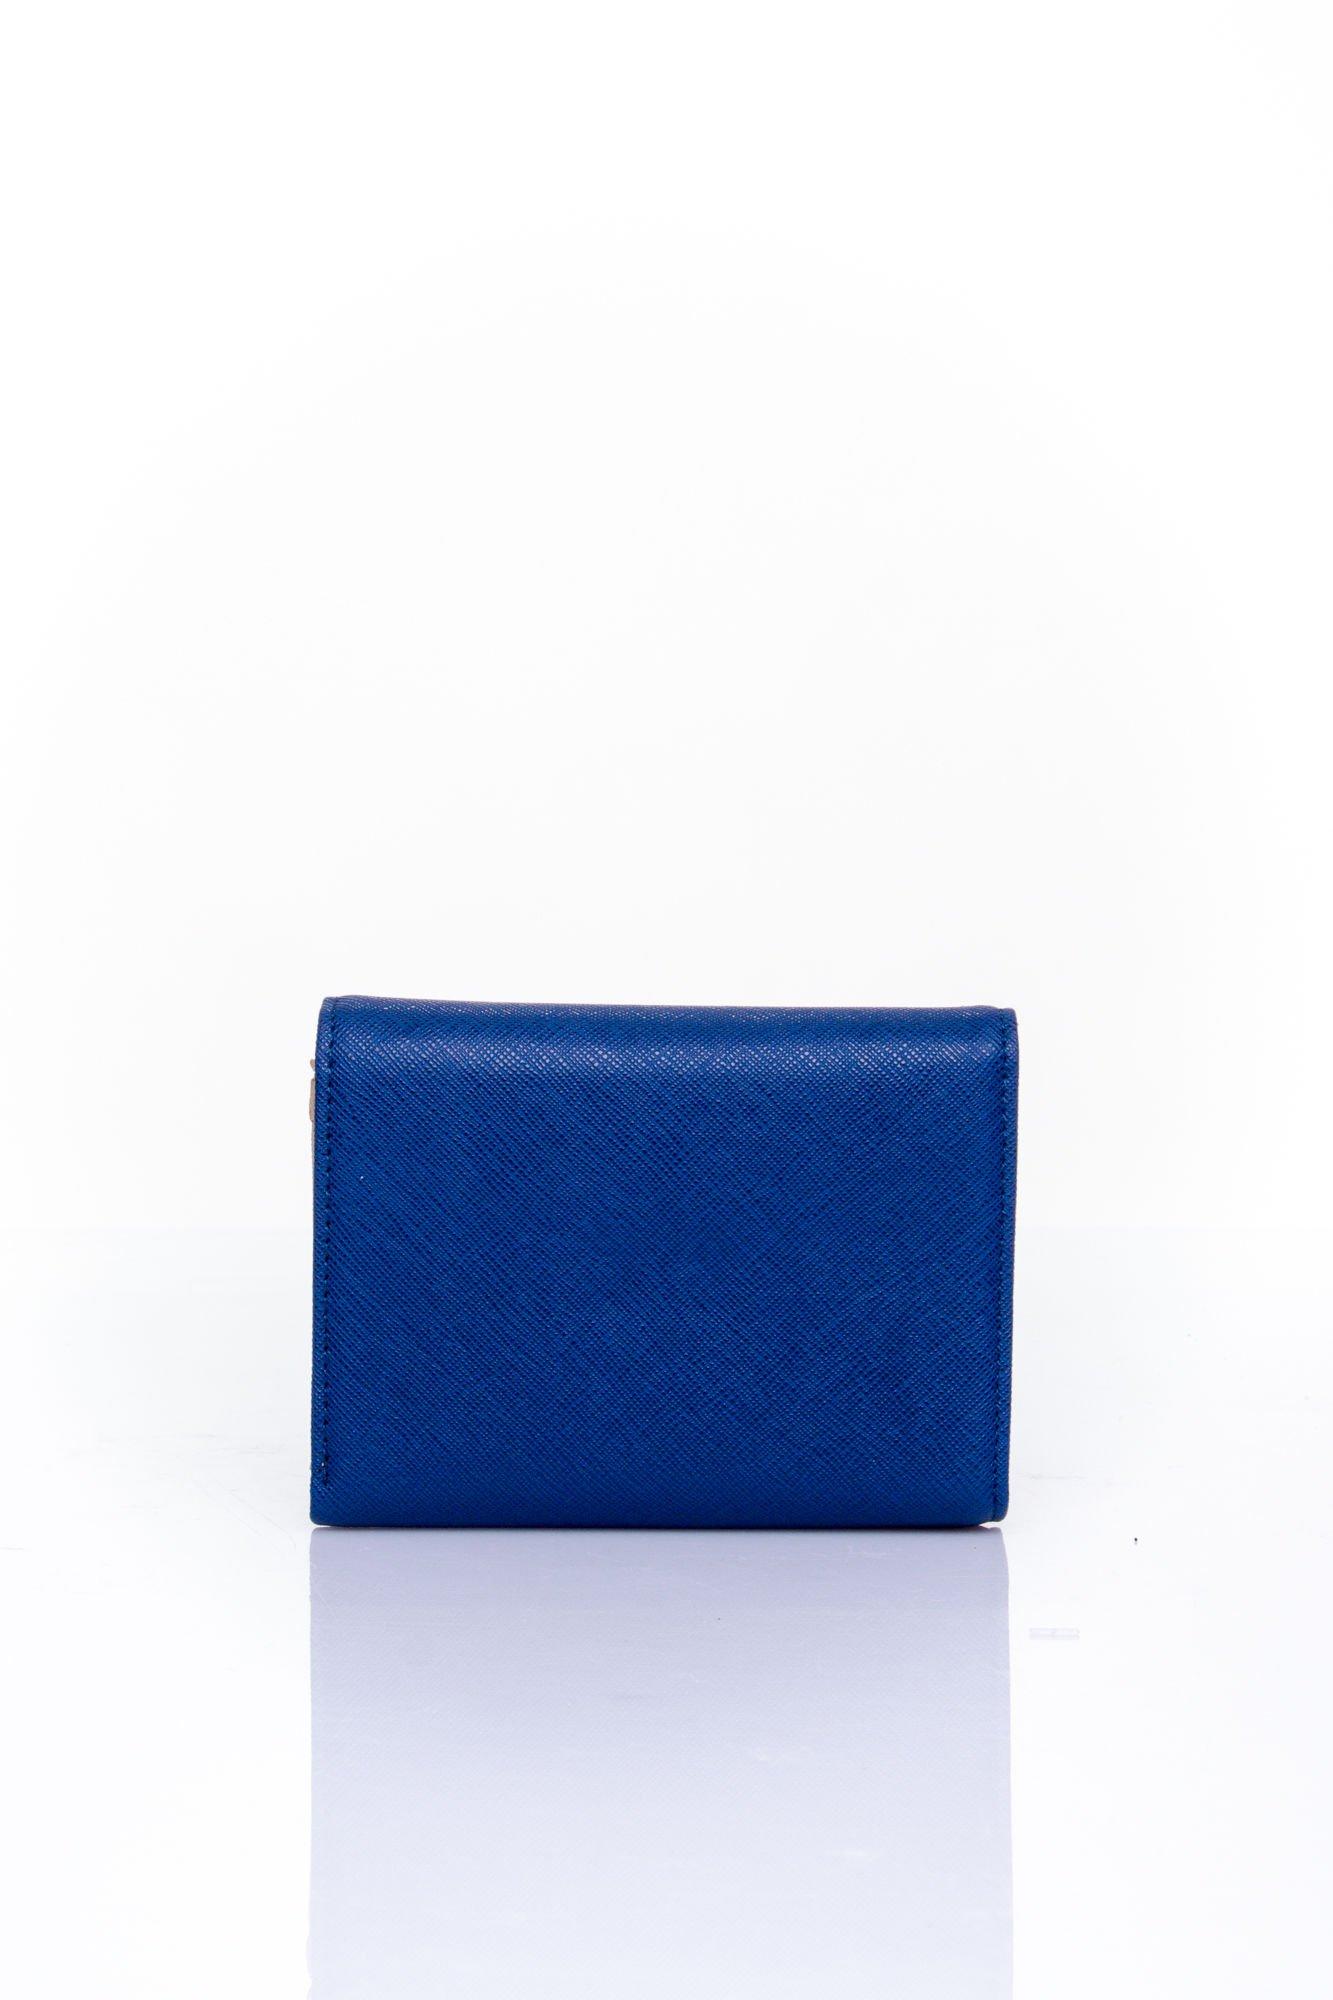 Granatowy portfel z kokardką                                  zdj.                                  2